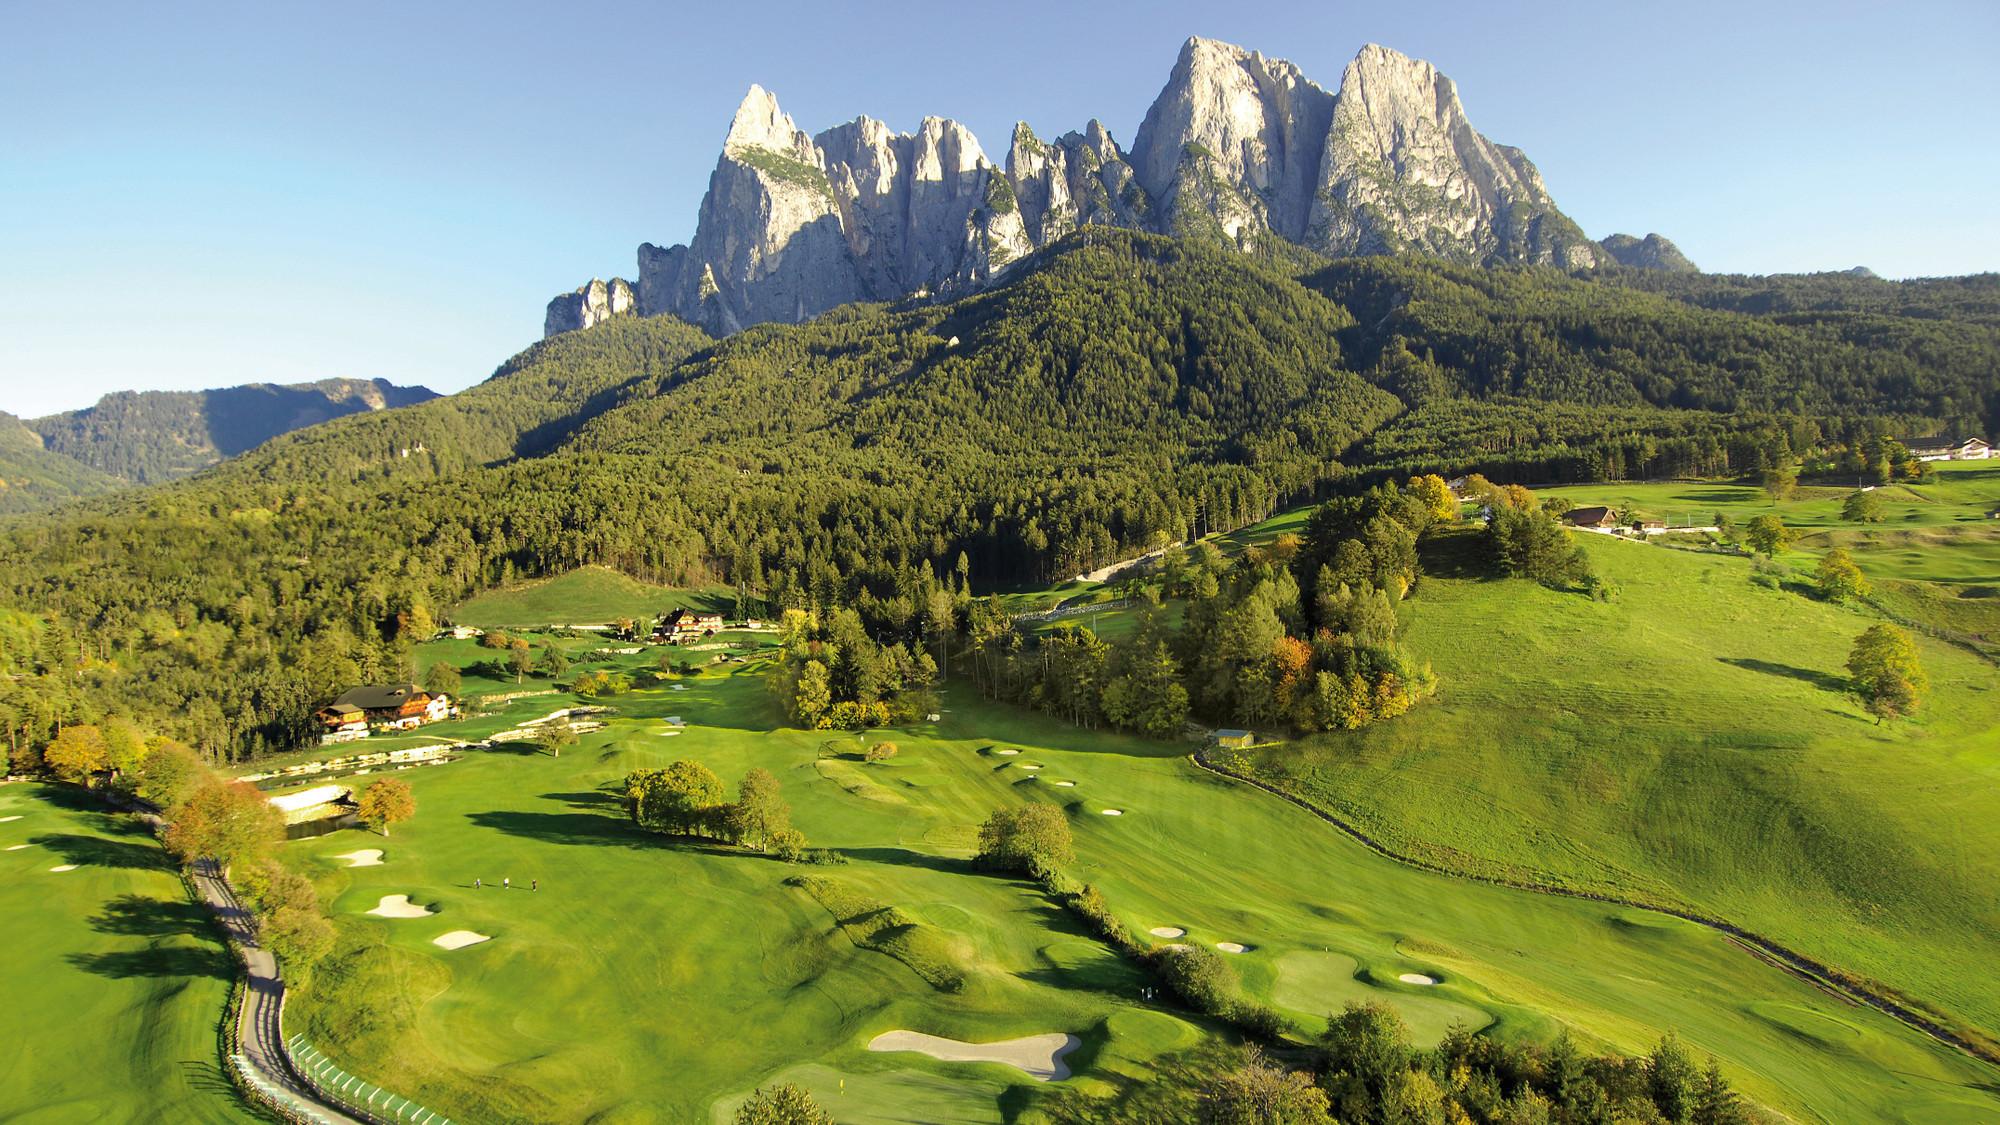 Golf golf hotel in trentino alto adige vacanze attive for Vacanze in trentino alto adige